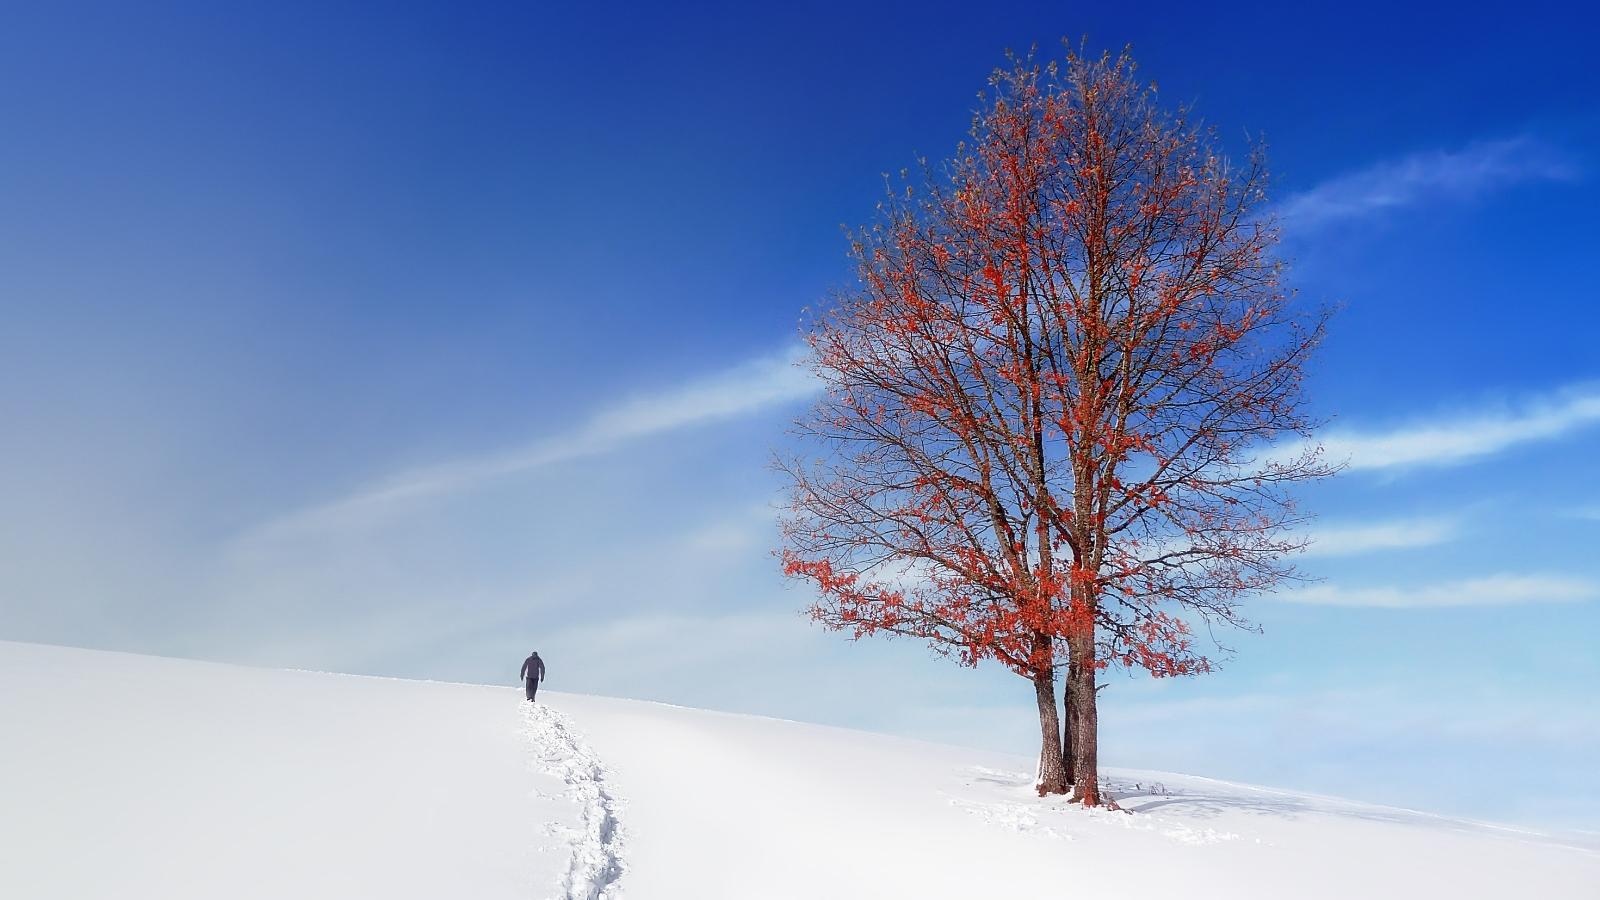 Gondolatébresztő tippek és hasznos tanácsok téli képek készítéséhez - Nextfoto